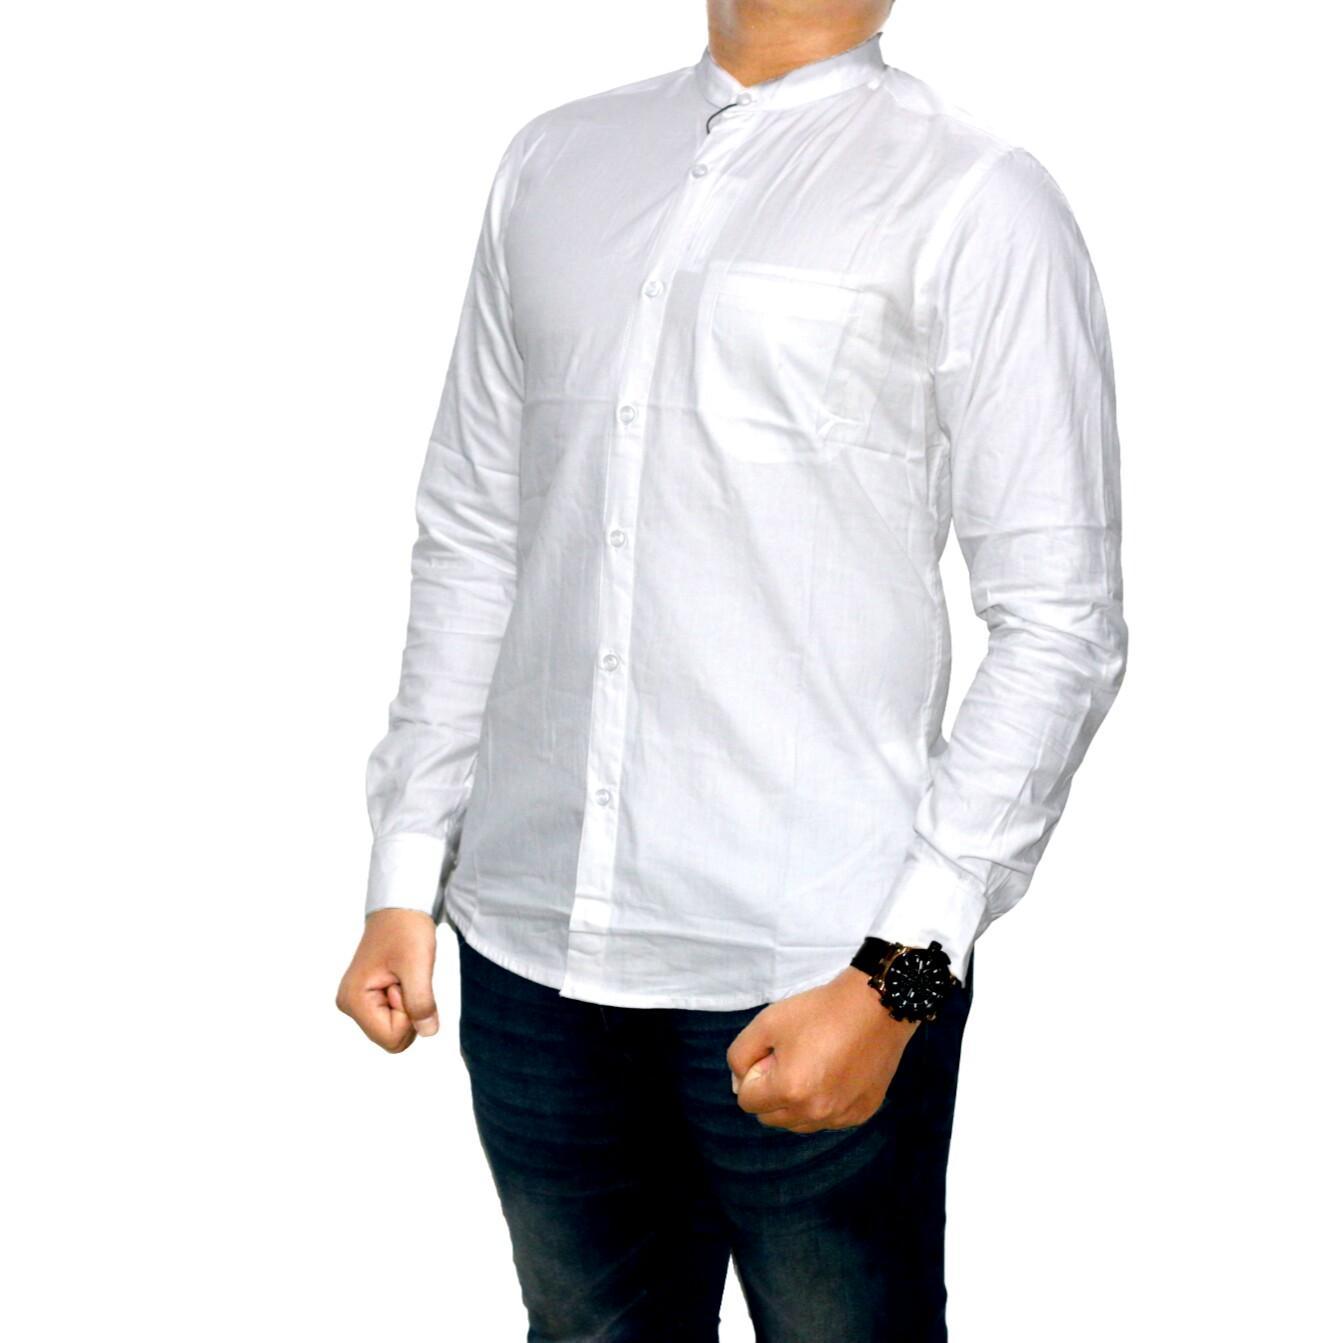 Dgm_Fashion1 Kemeja Putih Polos Kerah Sanghai Oxford/Kemeja Denim/Jeans Pria/Kemeja Polos